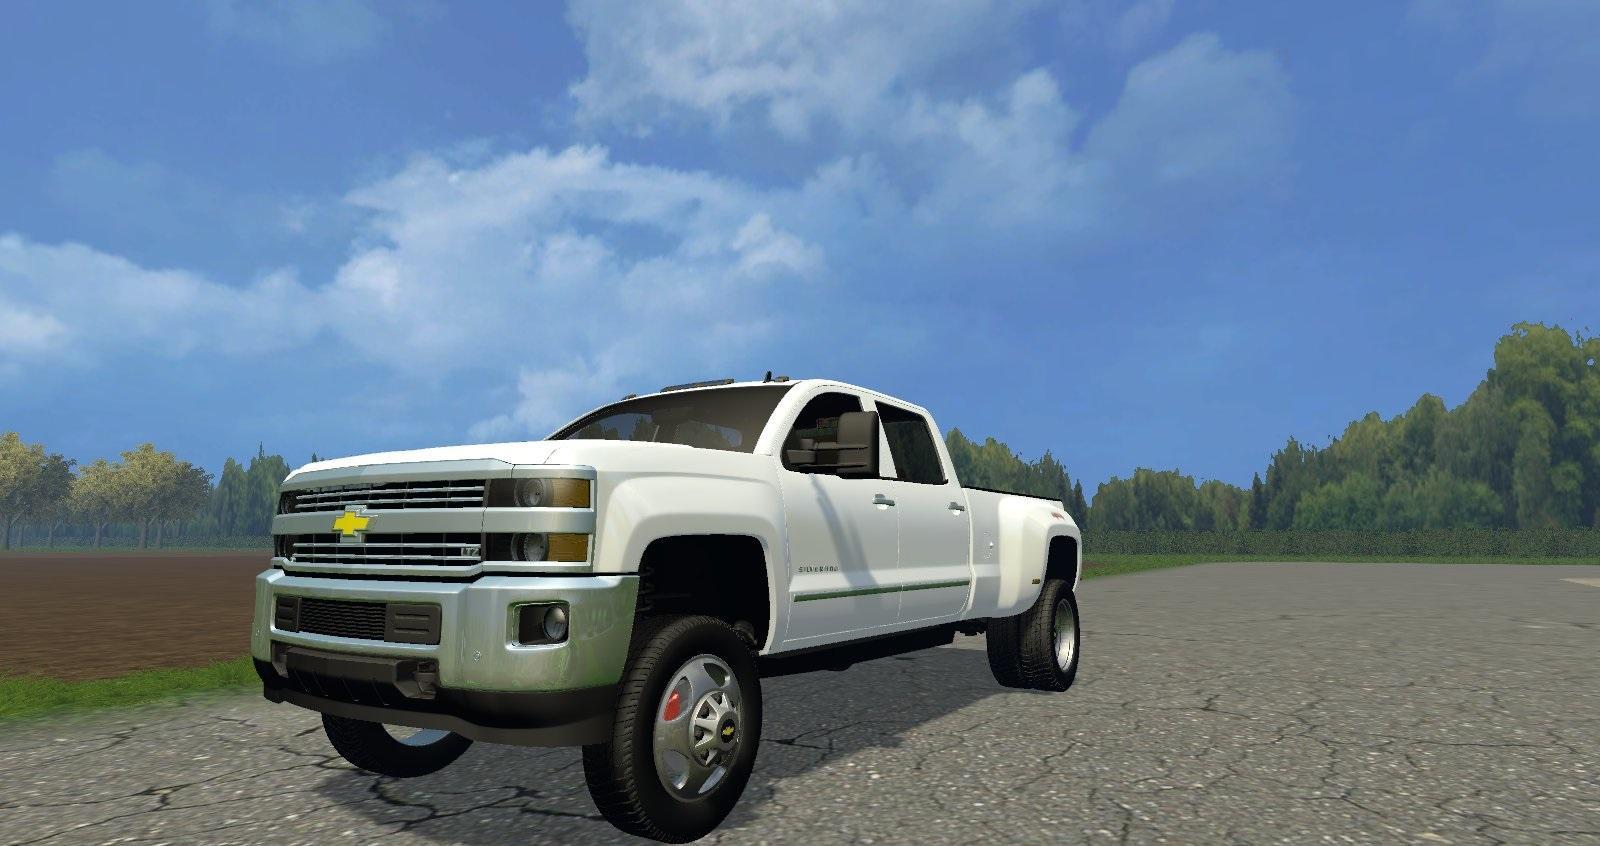 chevy-silverado-3500-family-truck_1